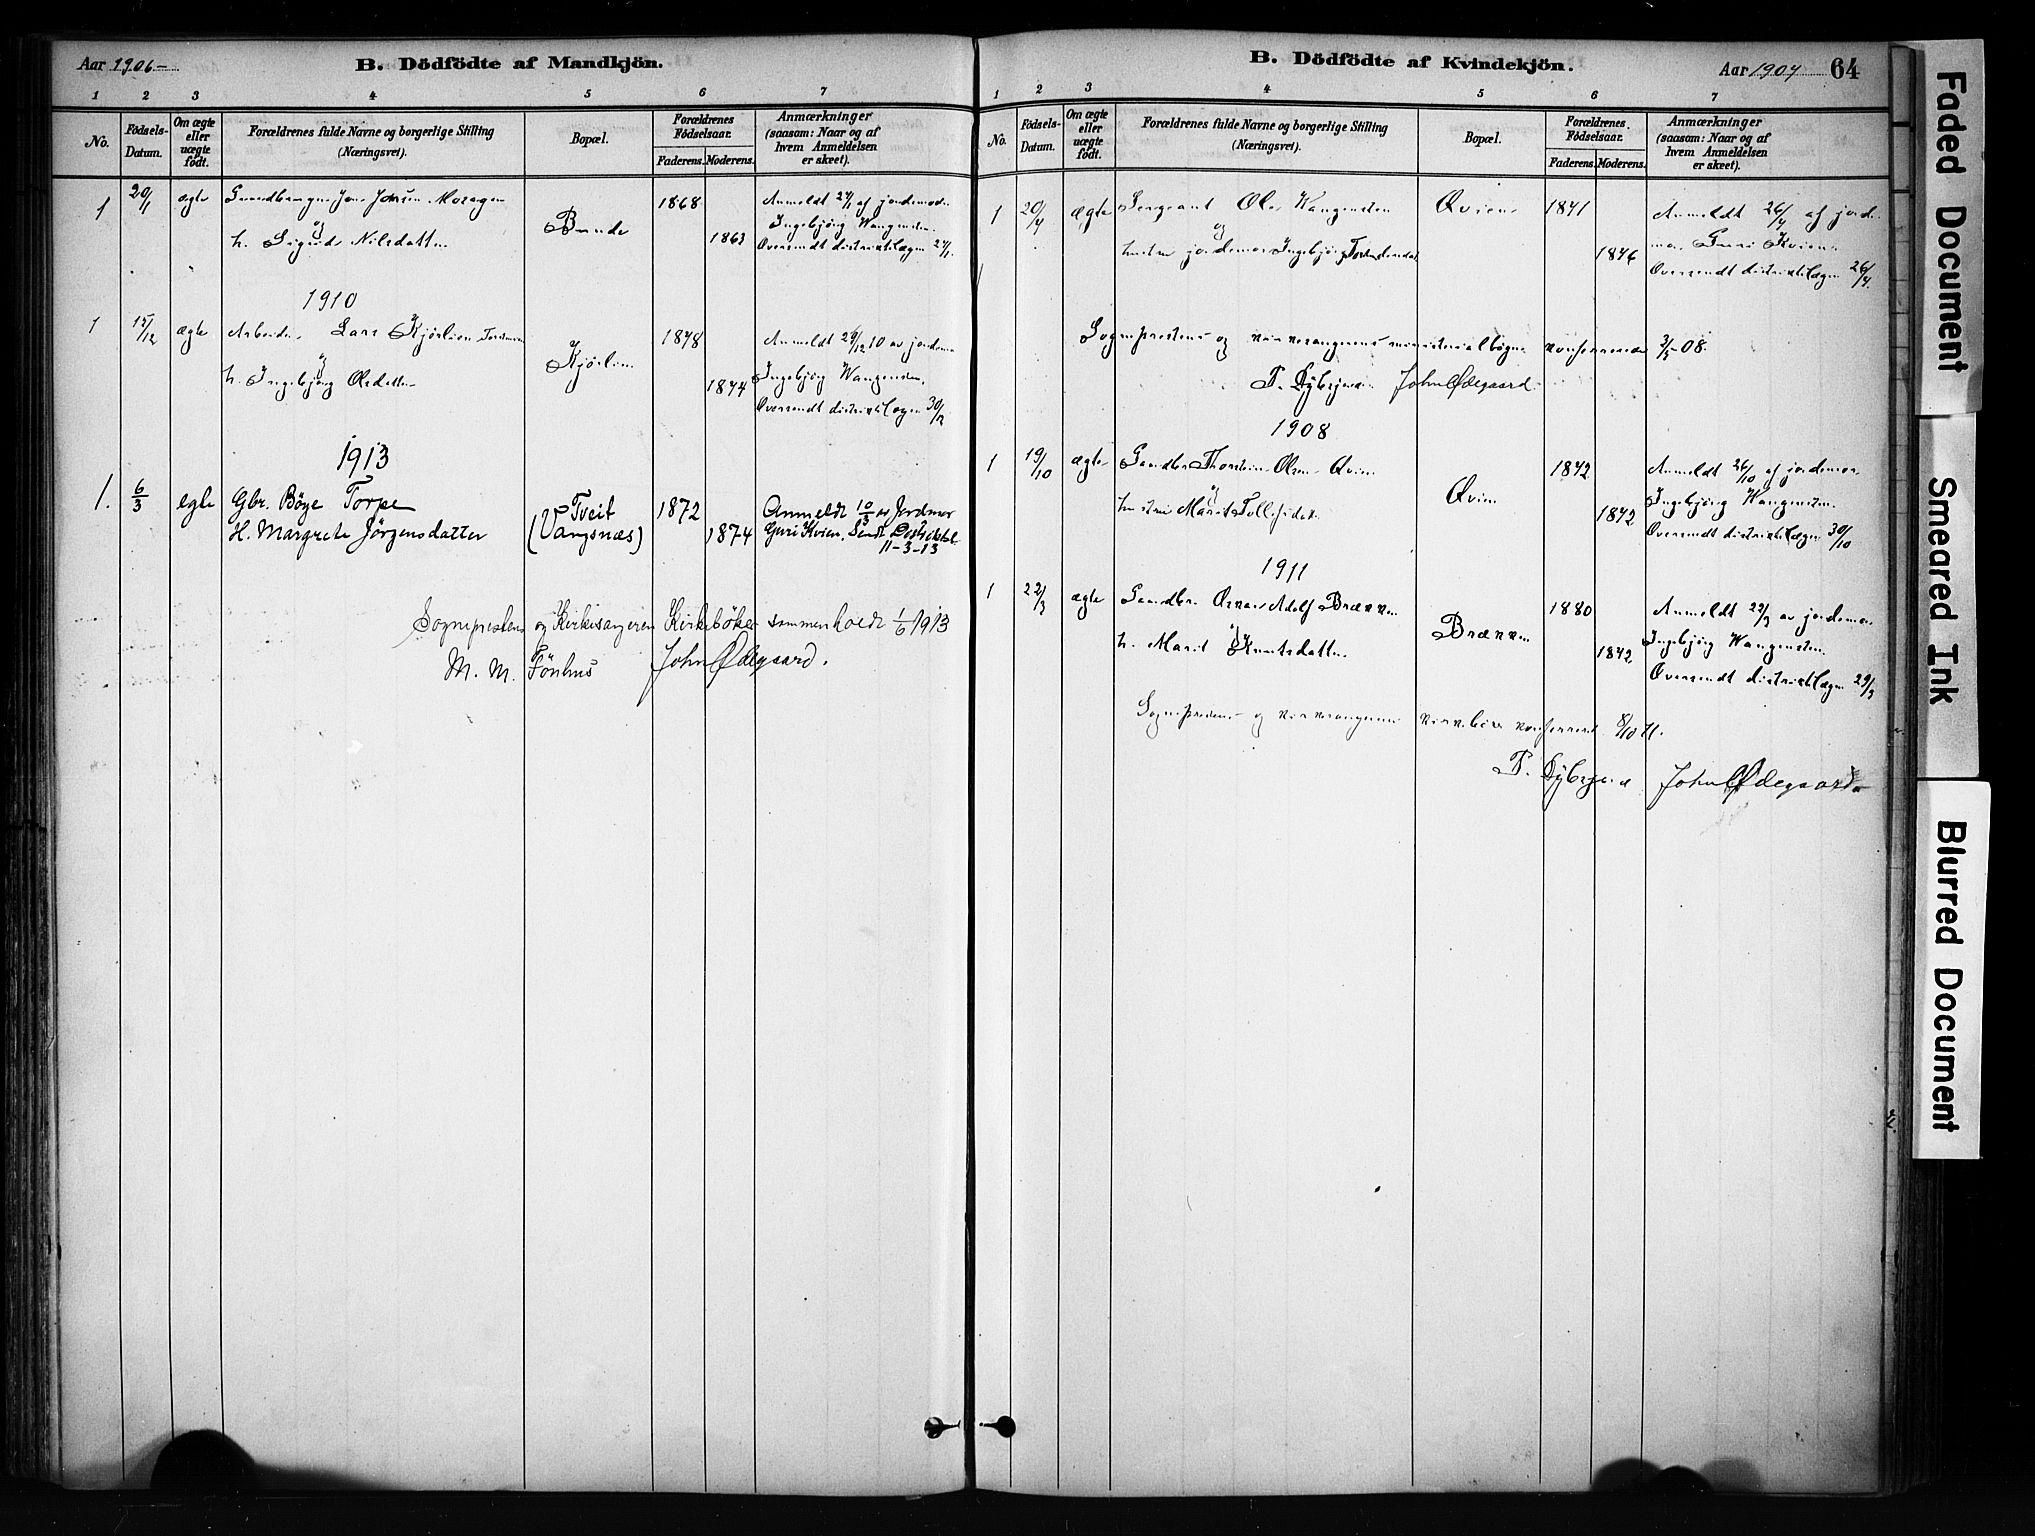 SAH, Vang prestekontor, Valdres, Ministerialbok nr. 9, 1882-1914, s. 64